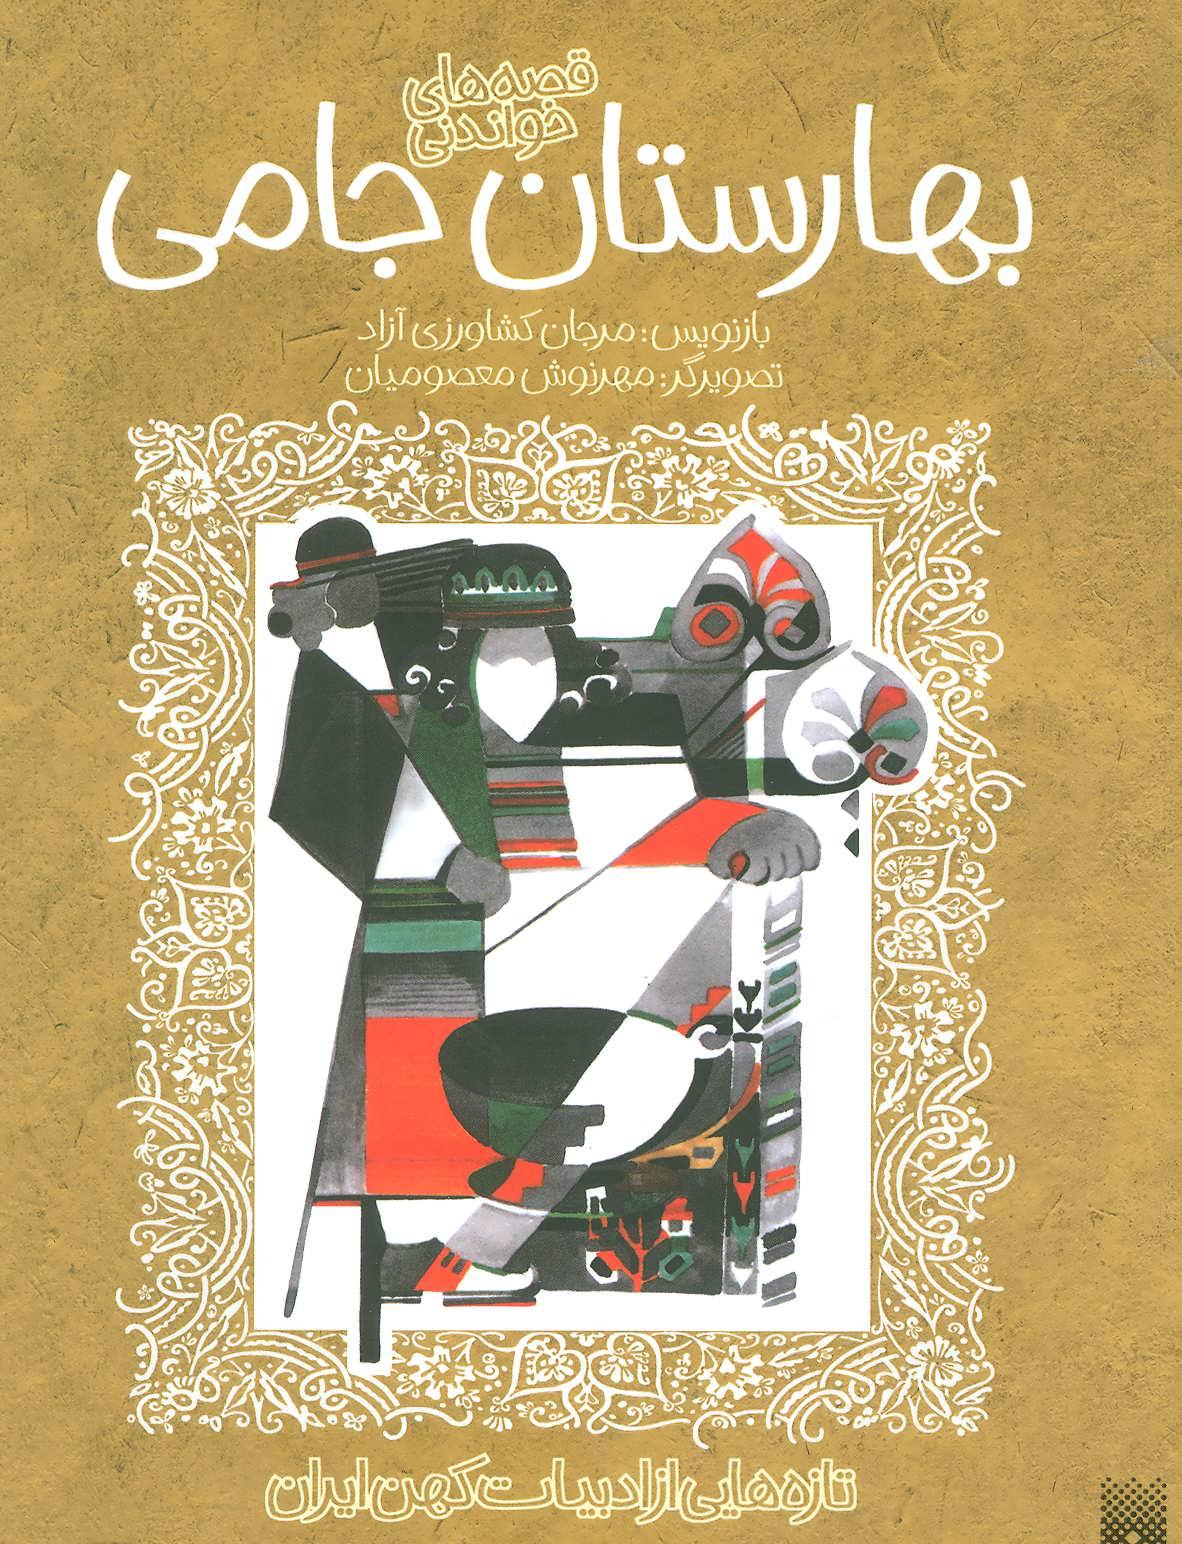 کتاب قصههای خواندنی بهارستان جامی